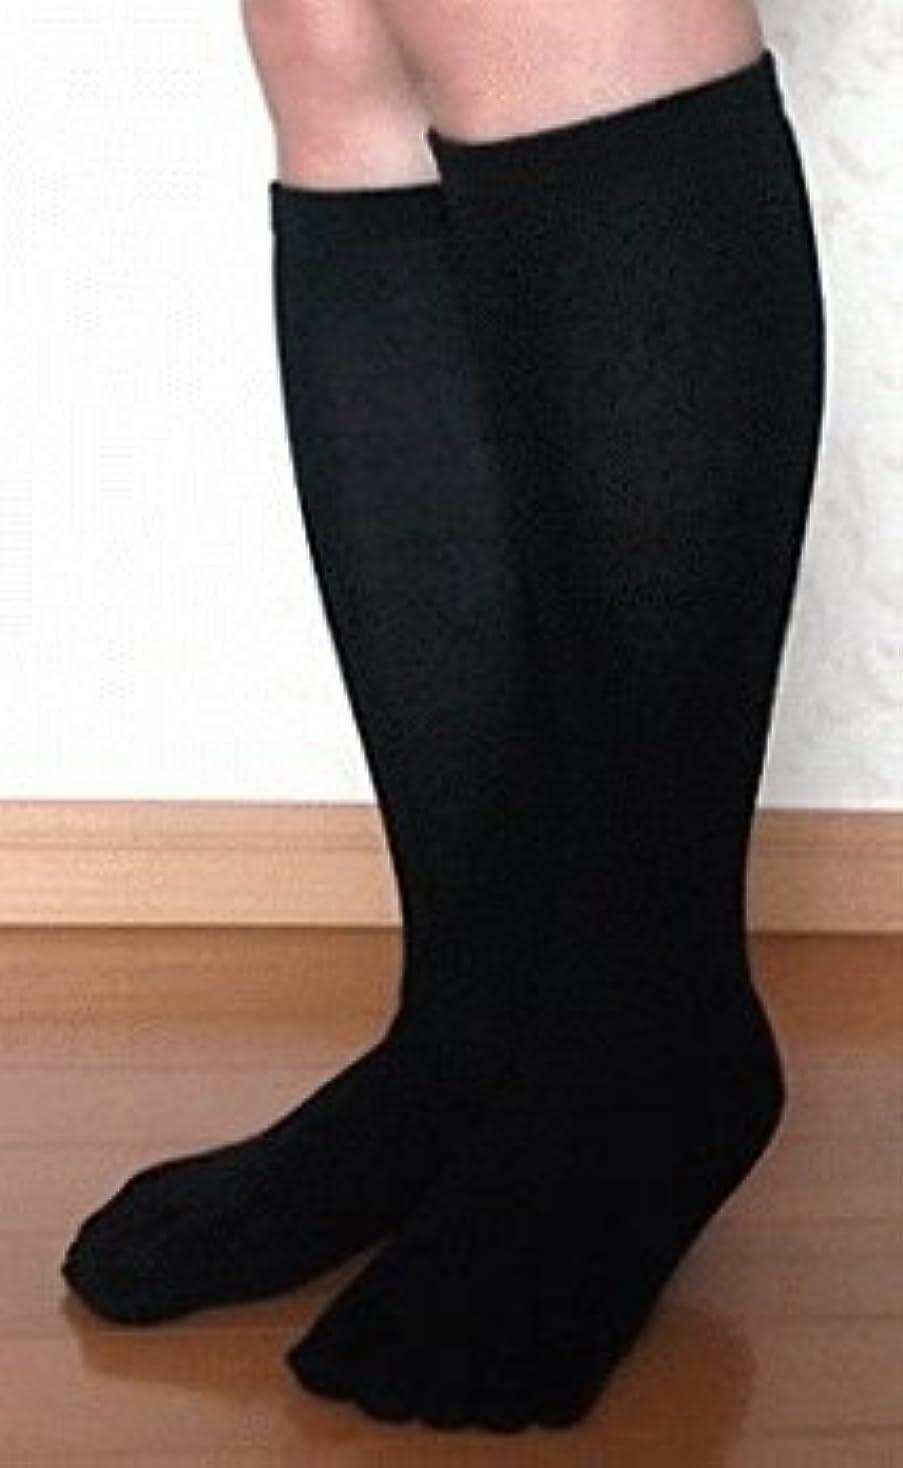 資格情報不適勢い5本指ハイソックス 絹 黒色【22~24cm】 日本製高品質 お買得2足組